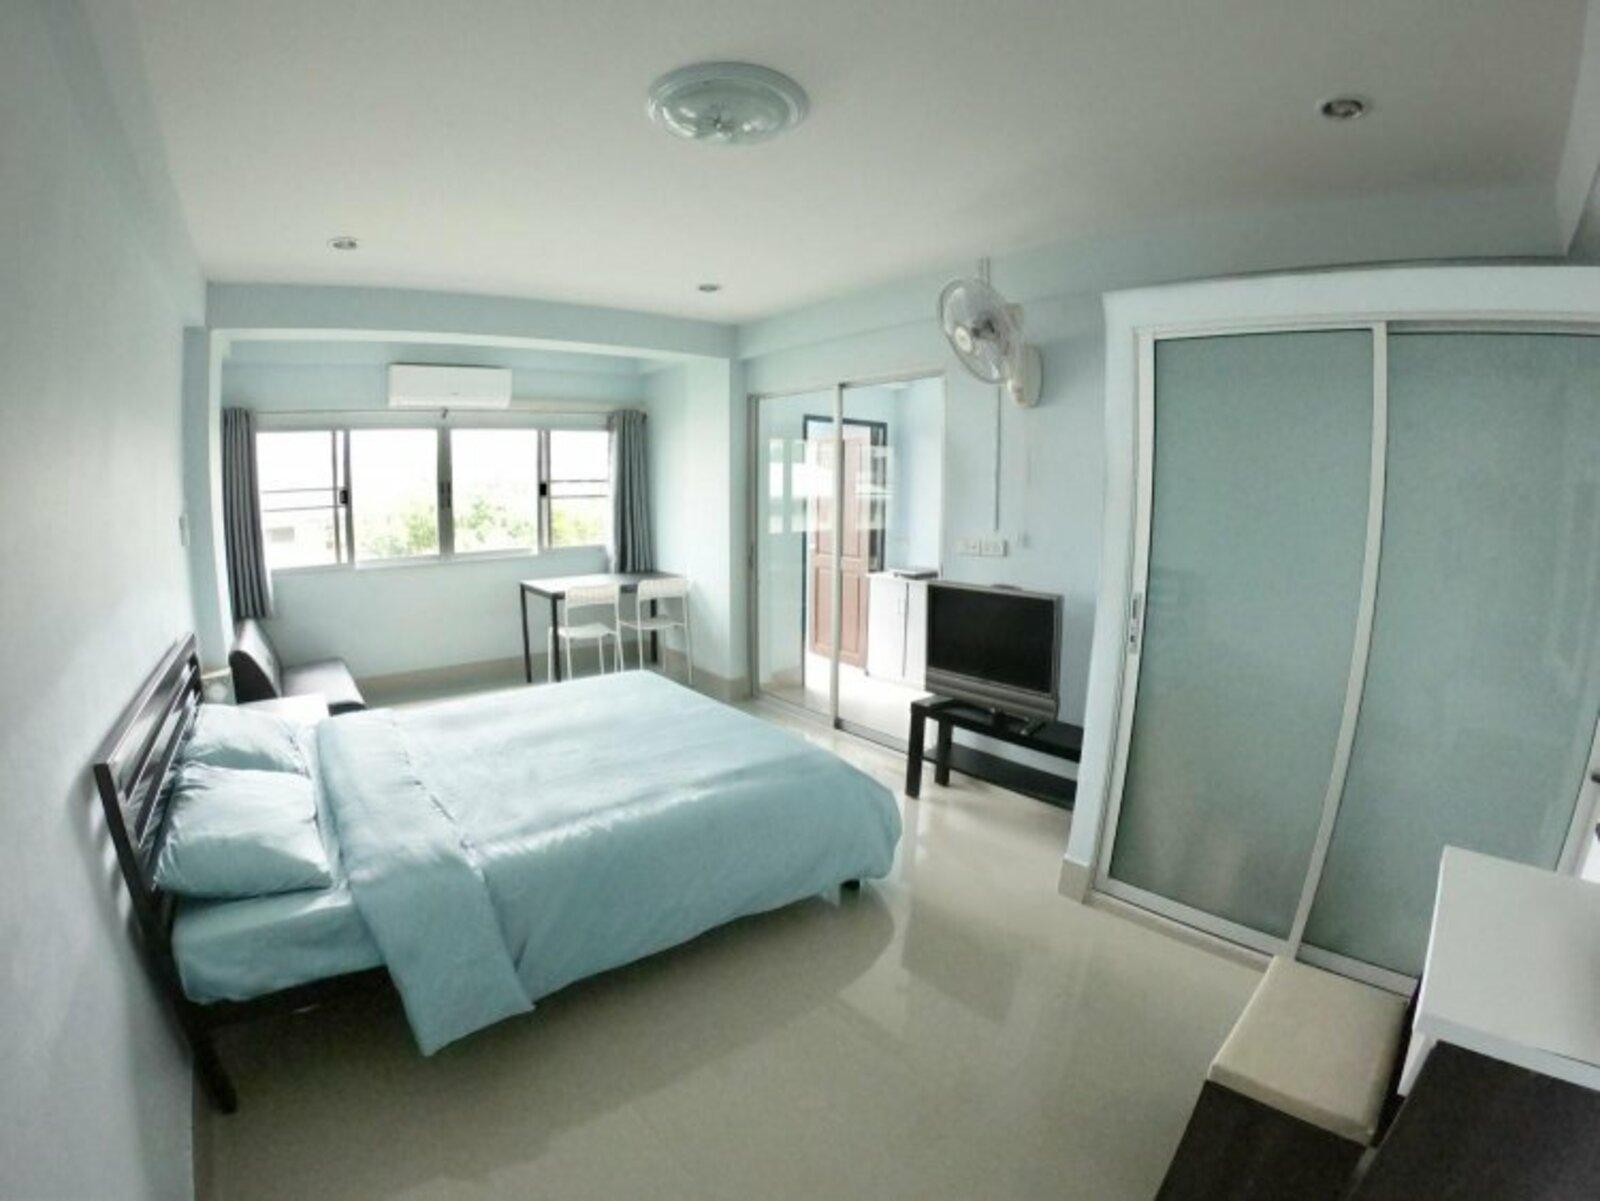 A N A apartment 09